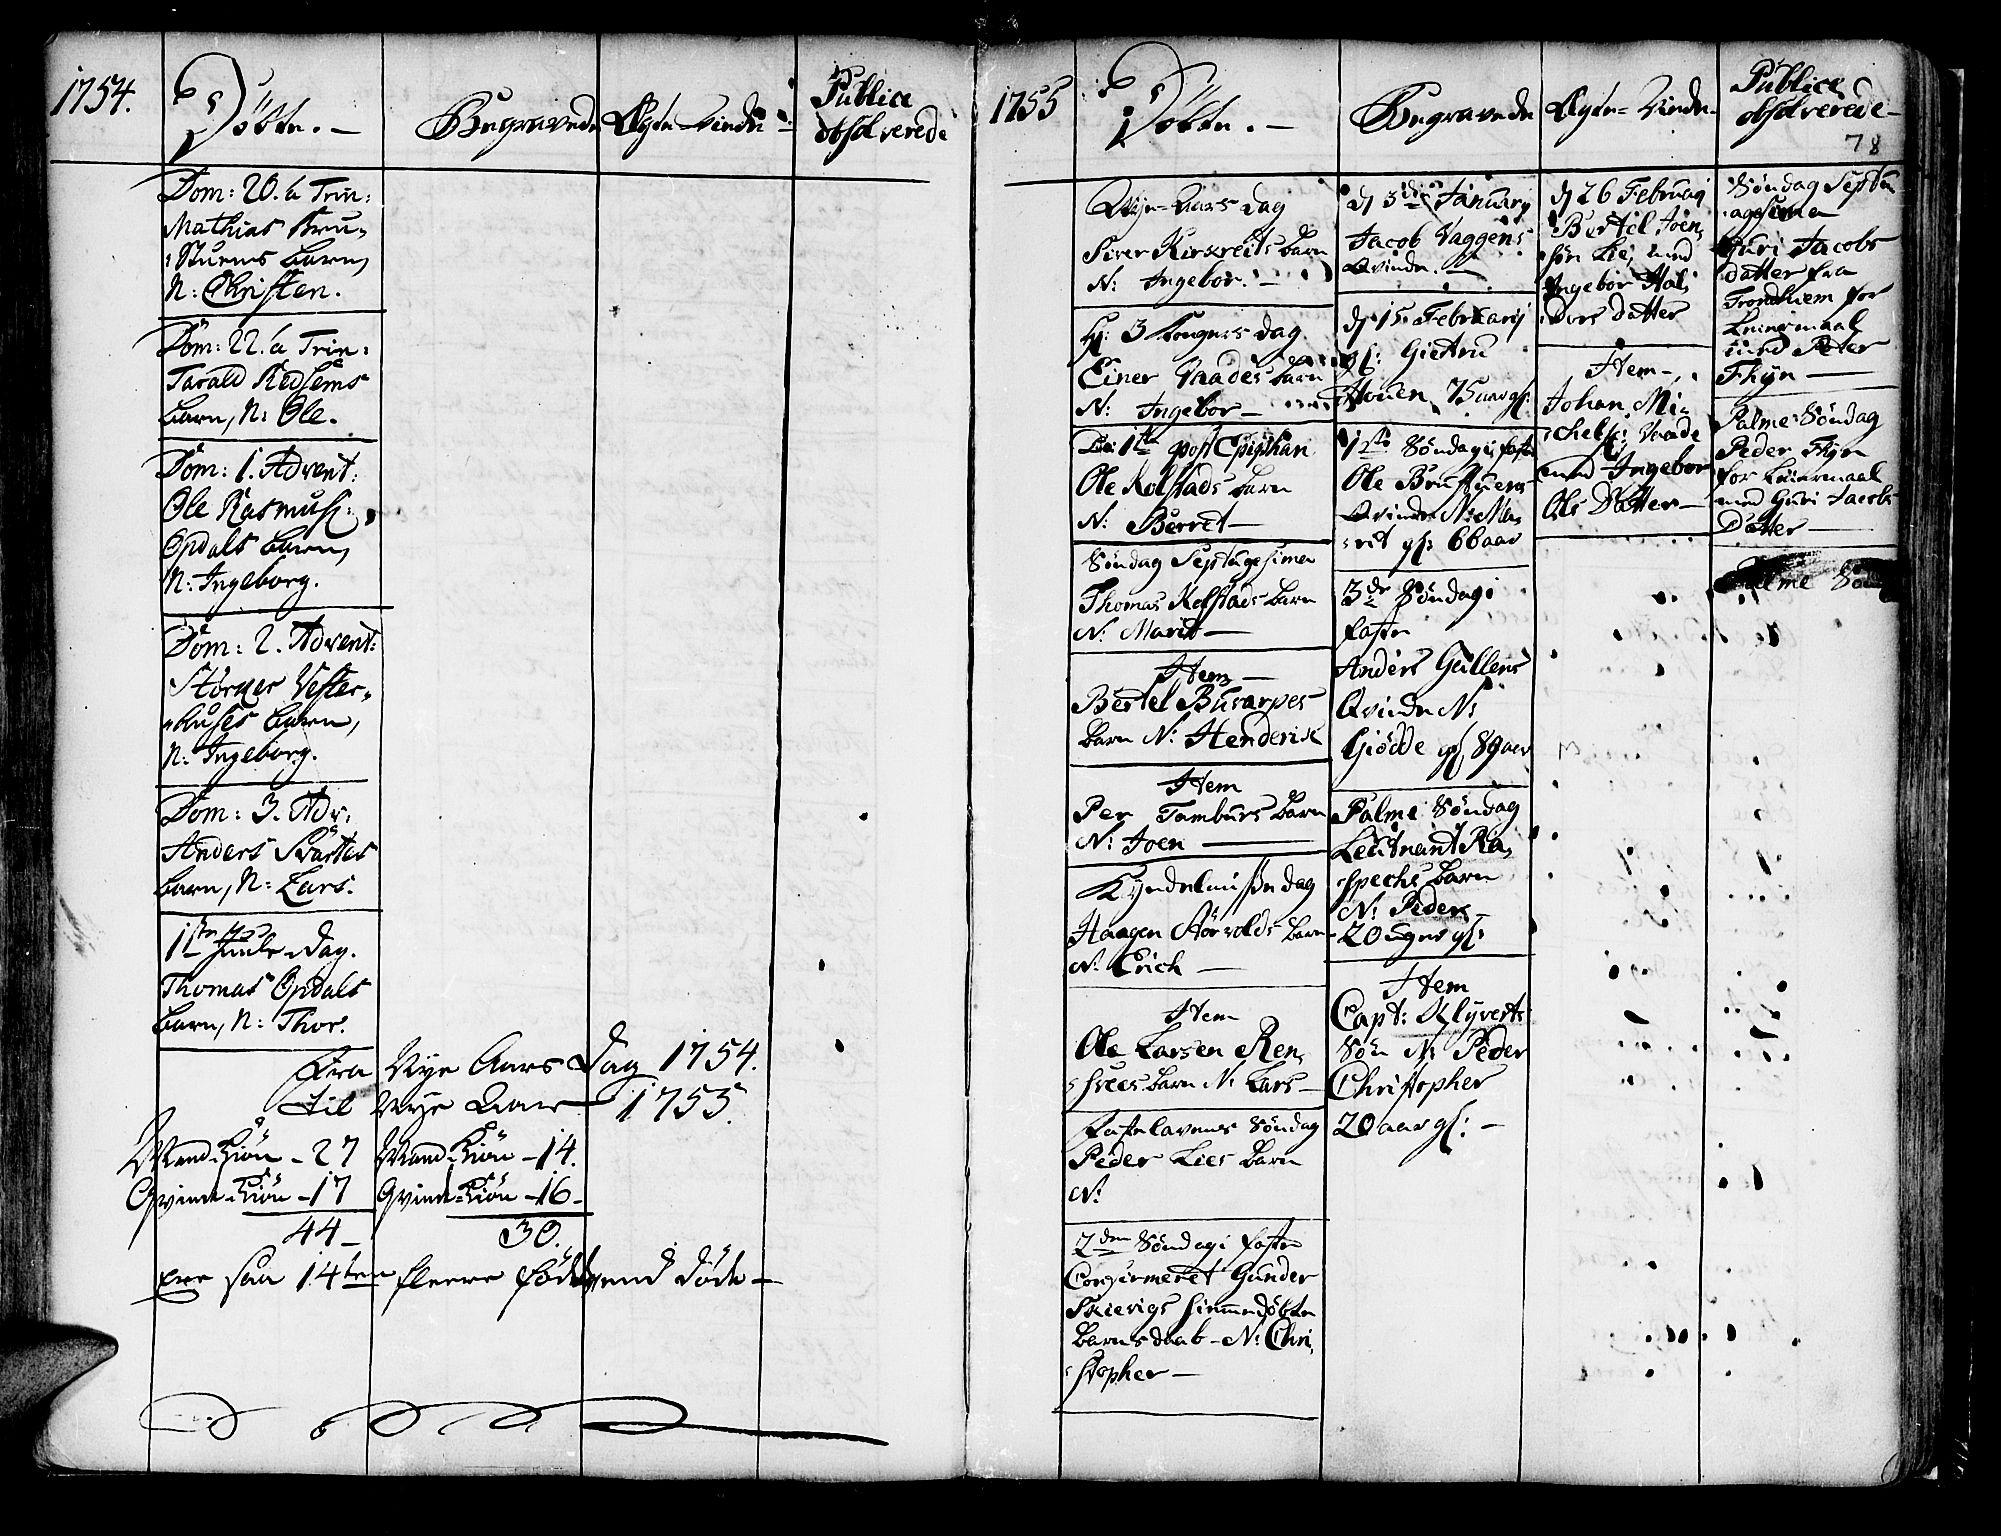 SAT, Ministerialprotokoller, klokkerbøker og fødselsregistre - Nord-Trøndelag, 741/L0385: Ministerialbok nr. 741A01, 1722-1815, s. 78